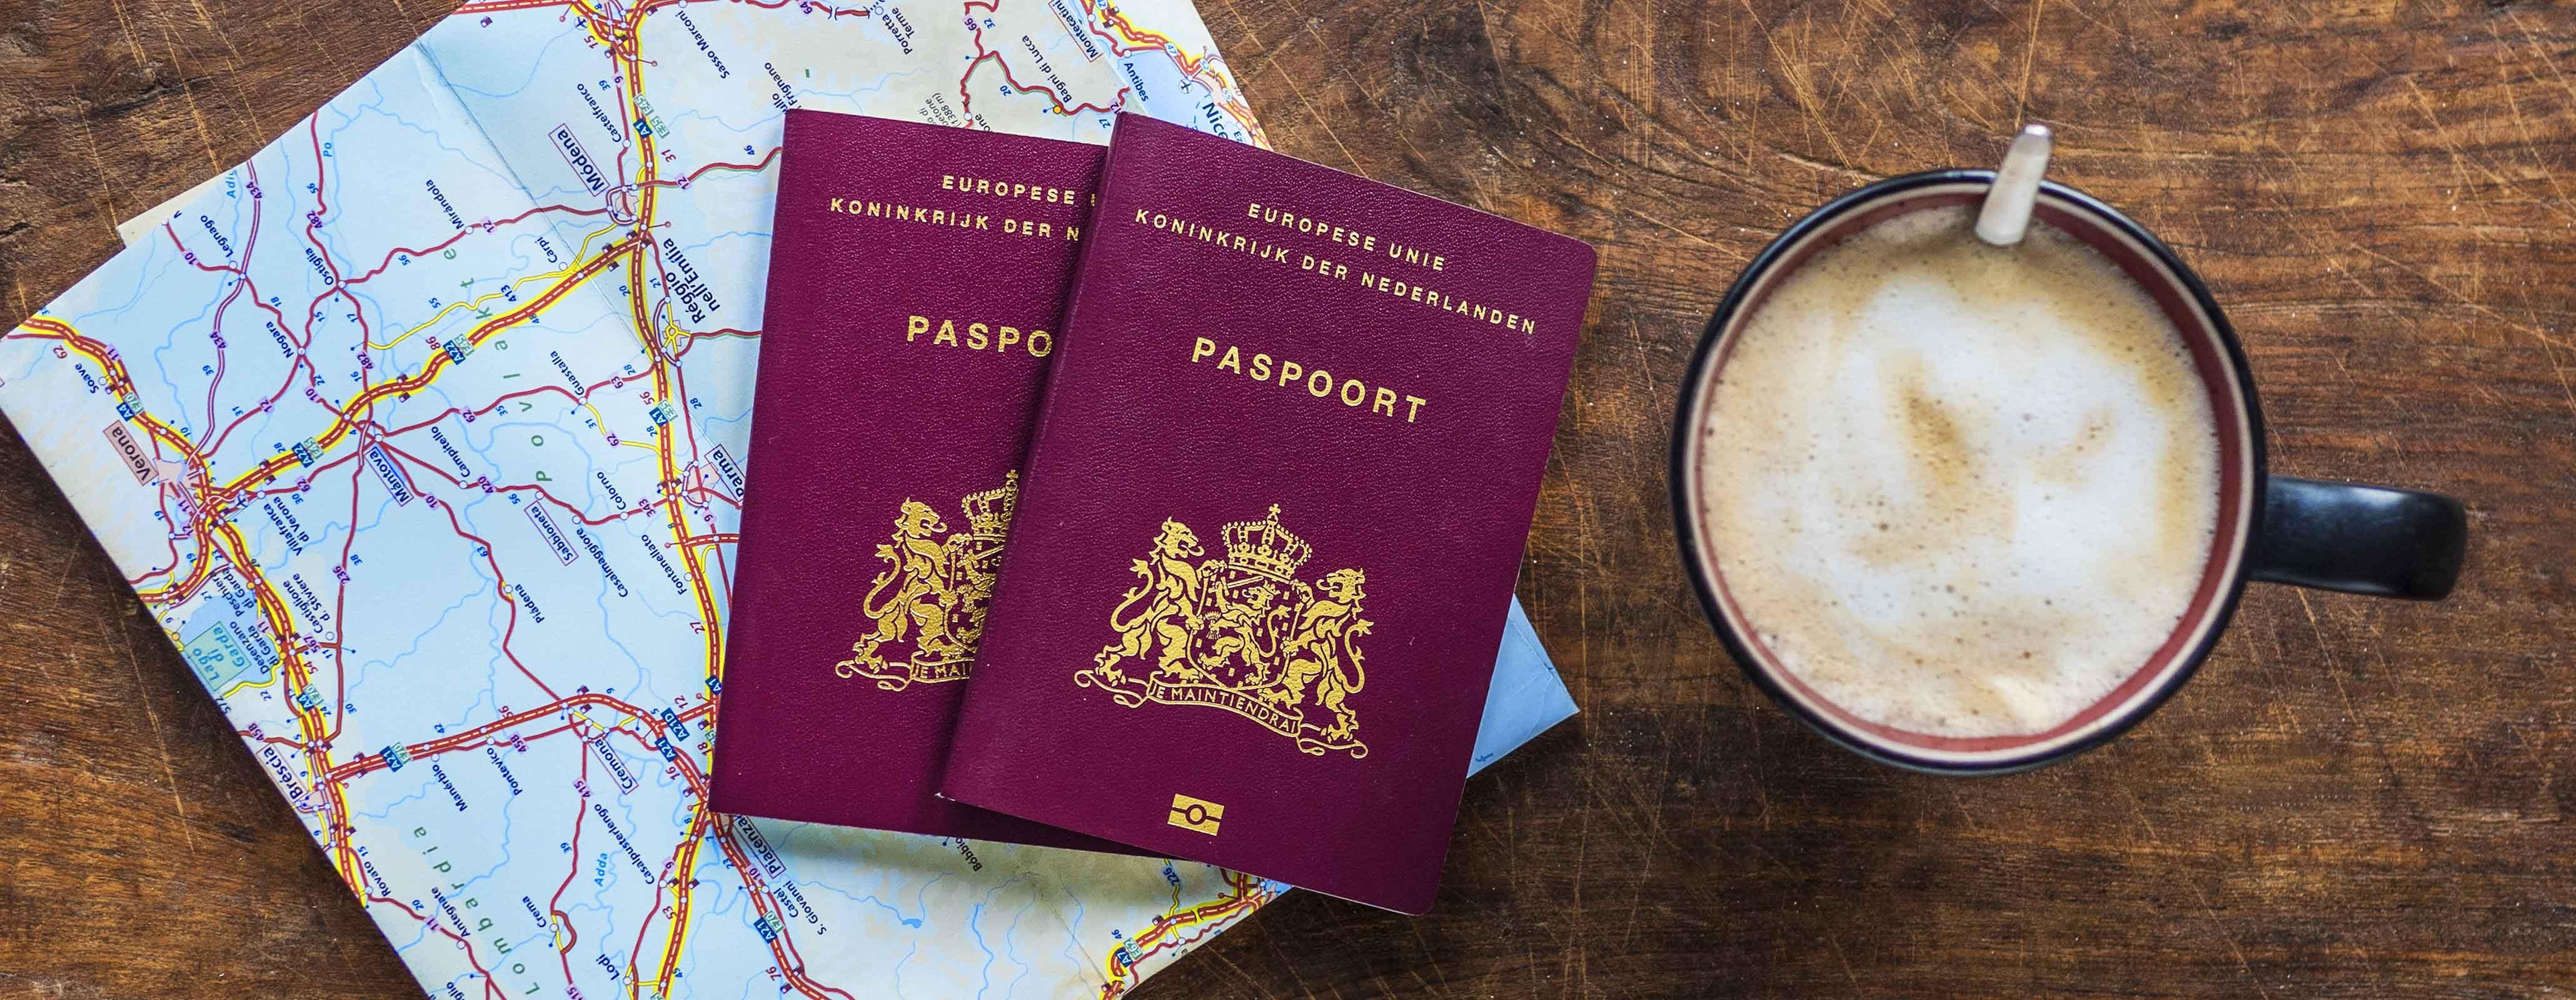 Paspoorten en een kop koffie